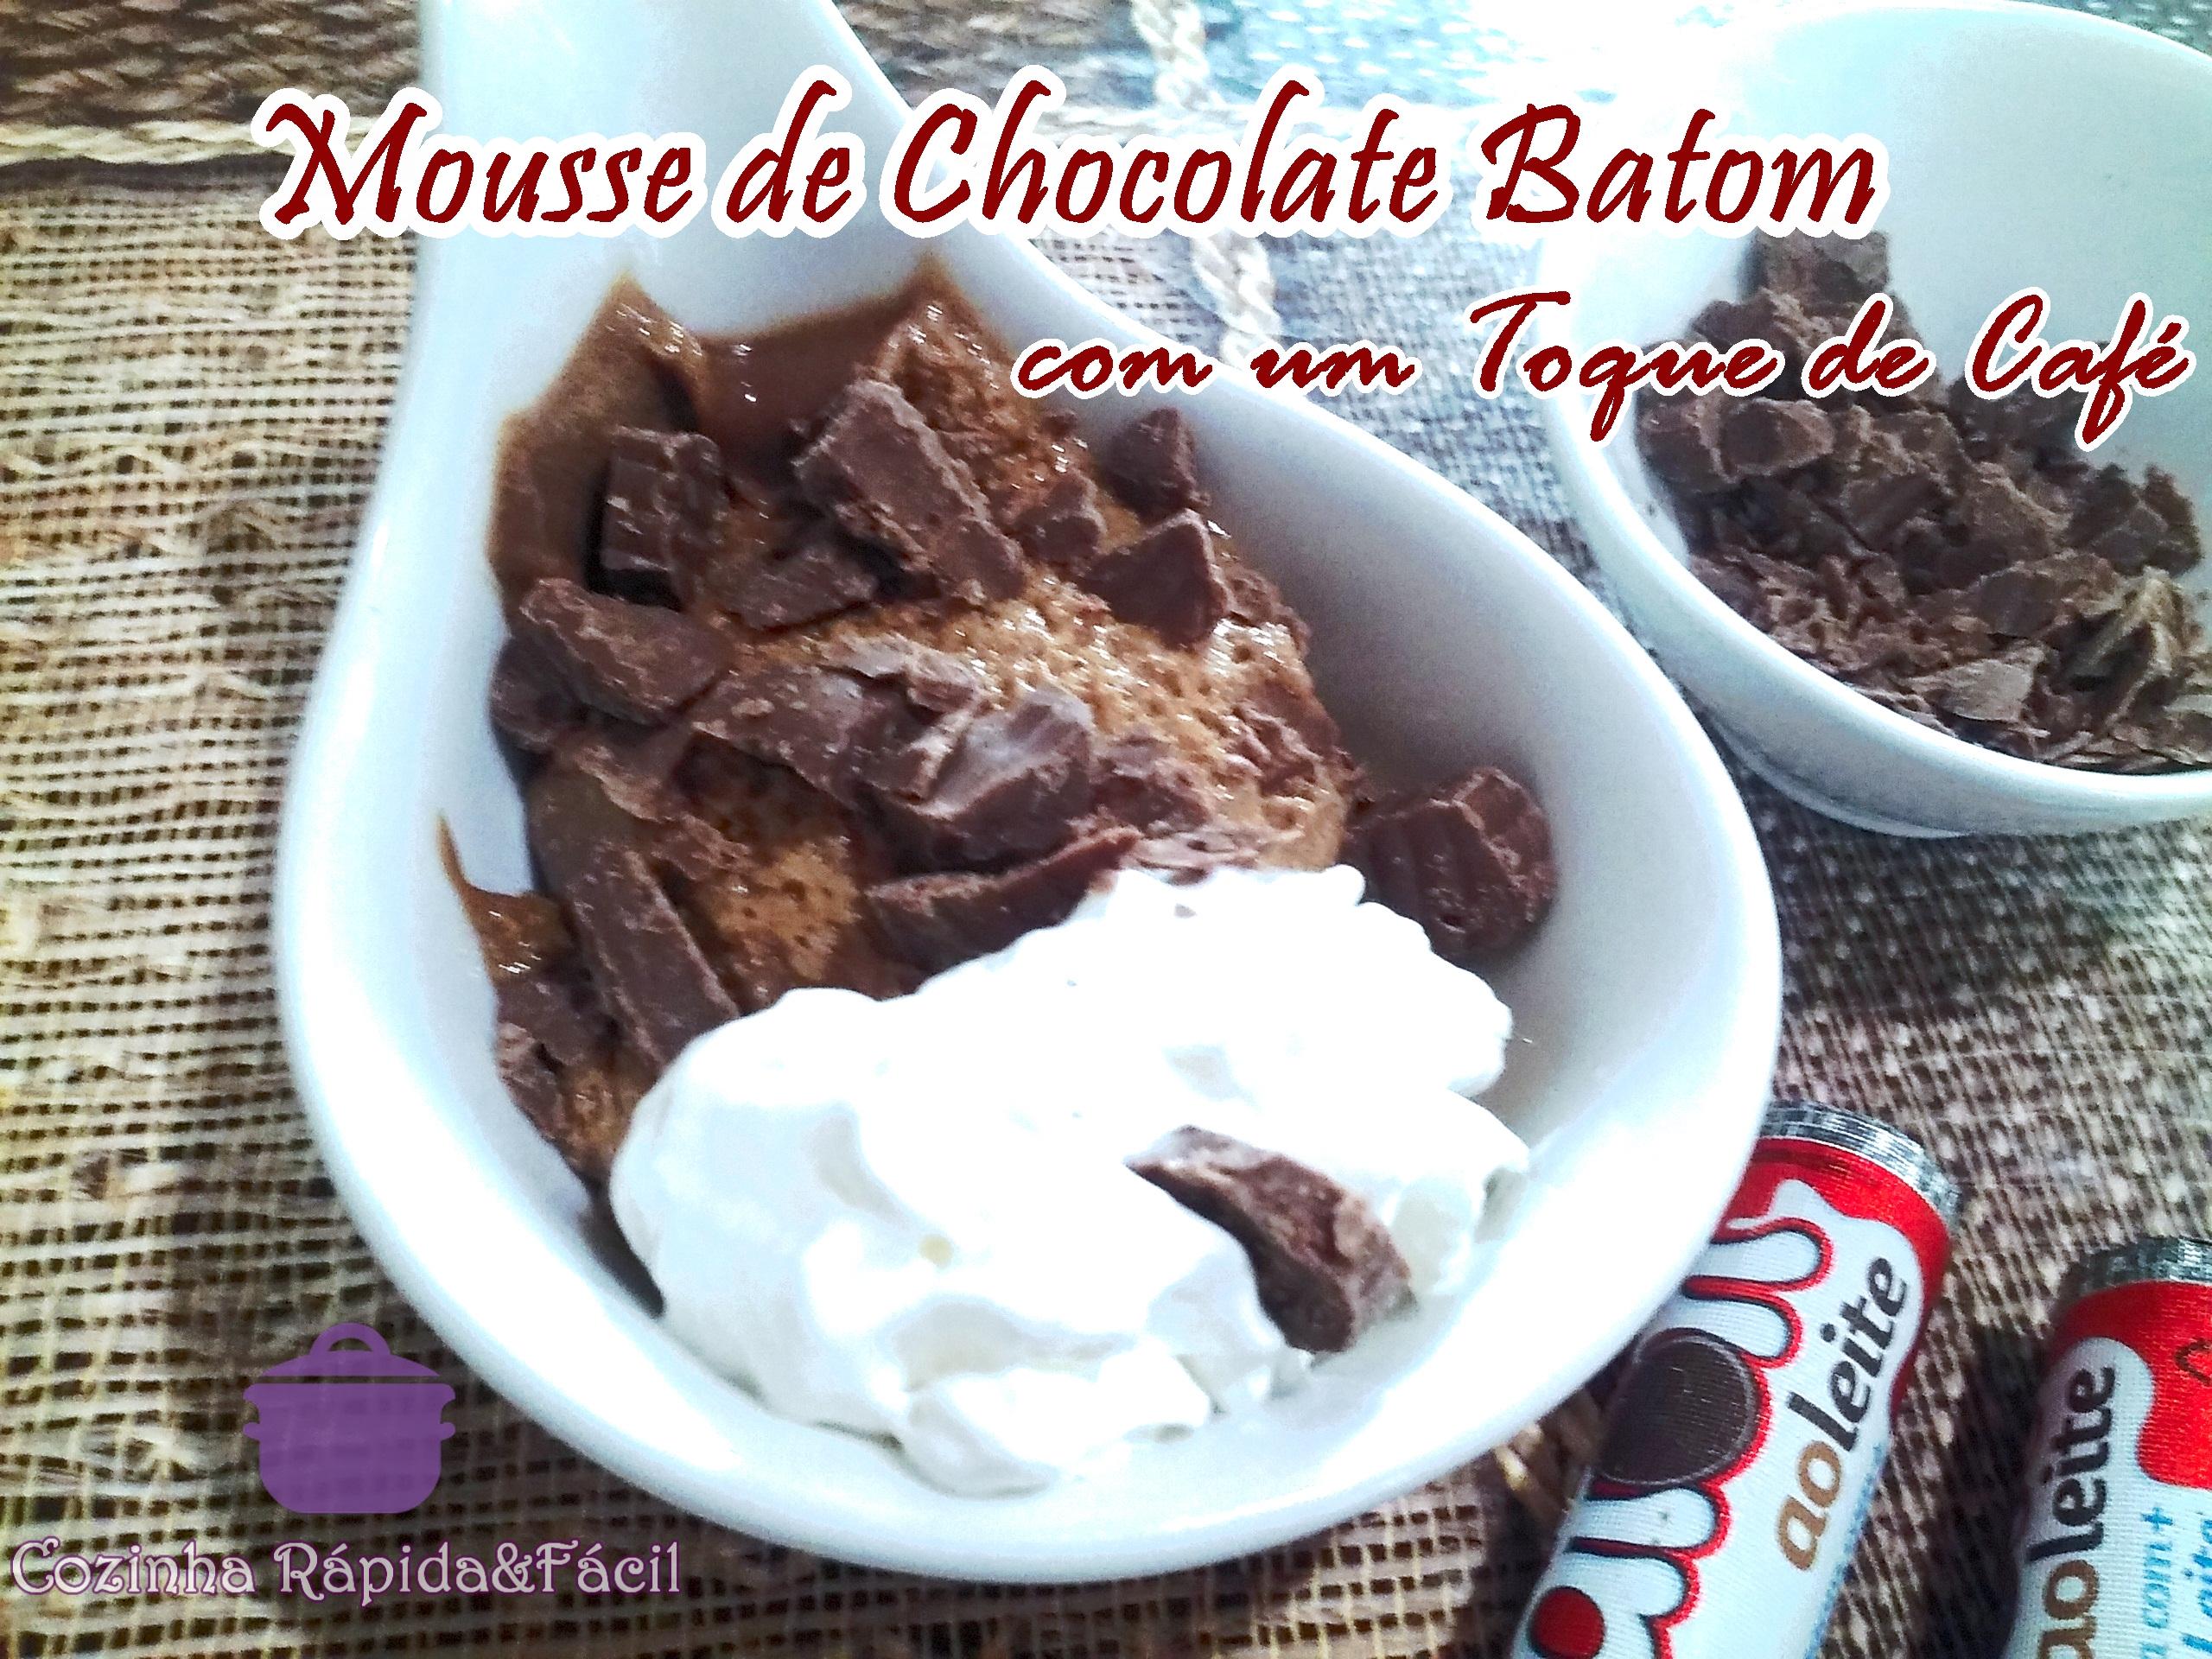 Como fazer um Mousse de Chocolate Batom com Café   !!